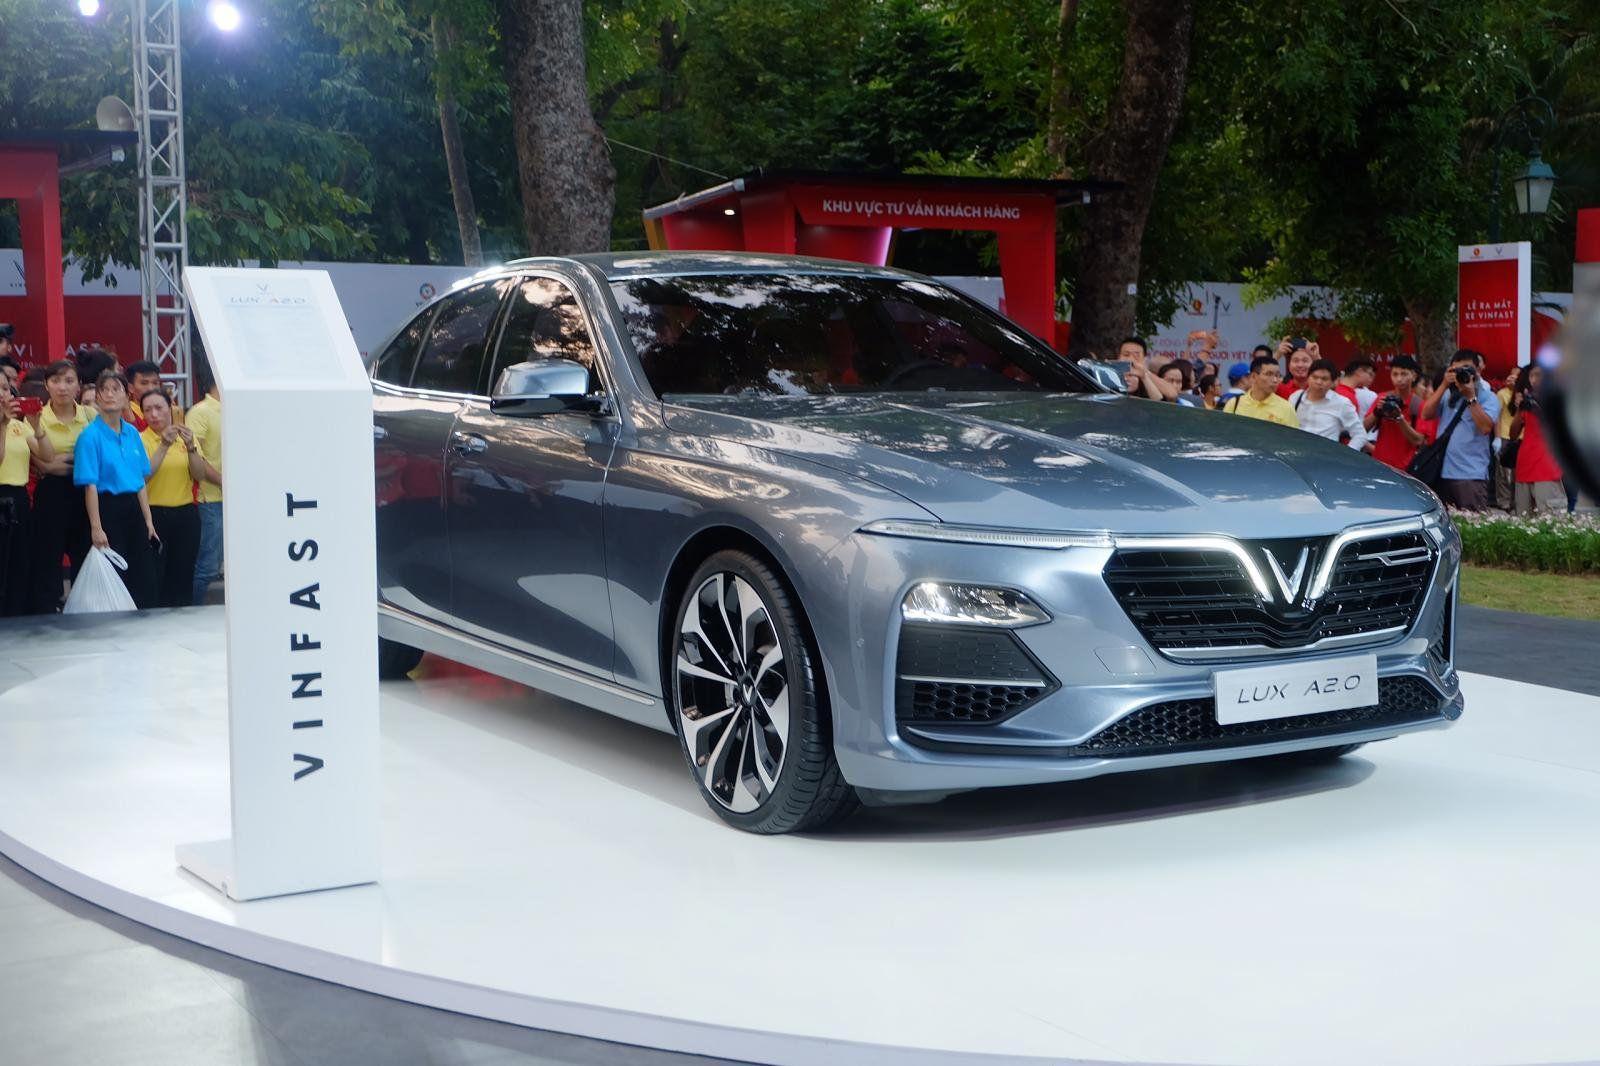 Tăng giá bán Lux nhưng hãng xe của tỷ phú Phạm Nhật Vượng vẫn lỗ nặng vì thuế